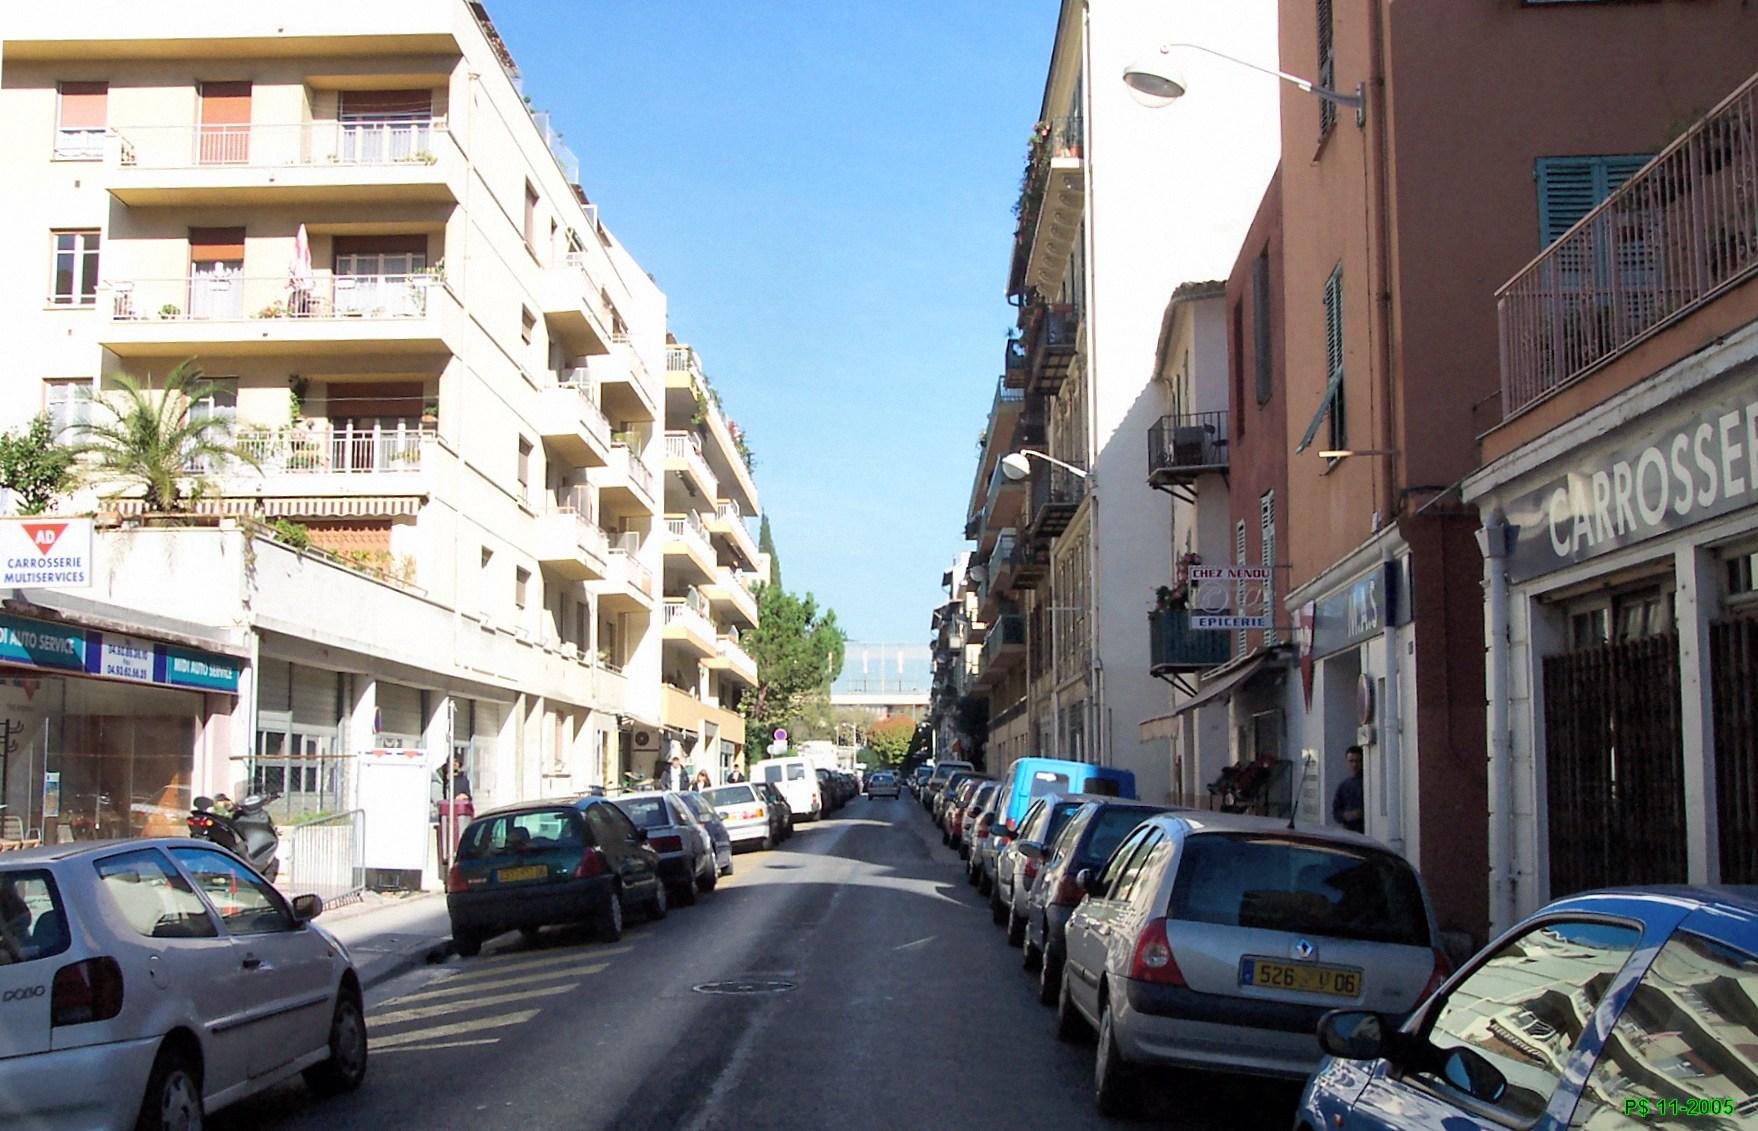 Palais de nice par rues m r for Piscine jean bouin nice